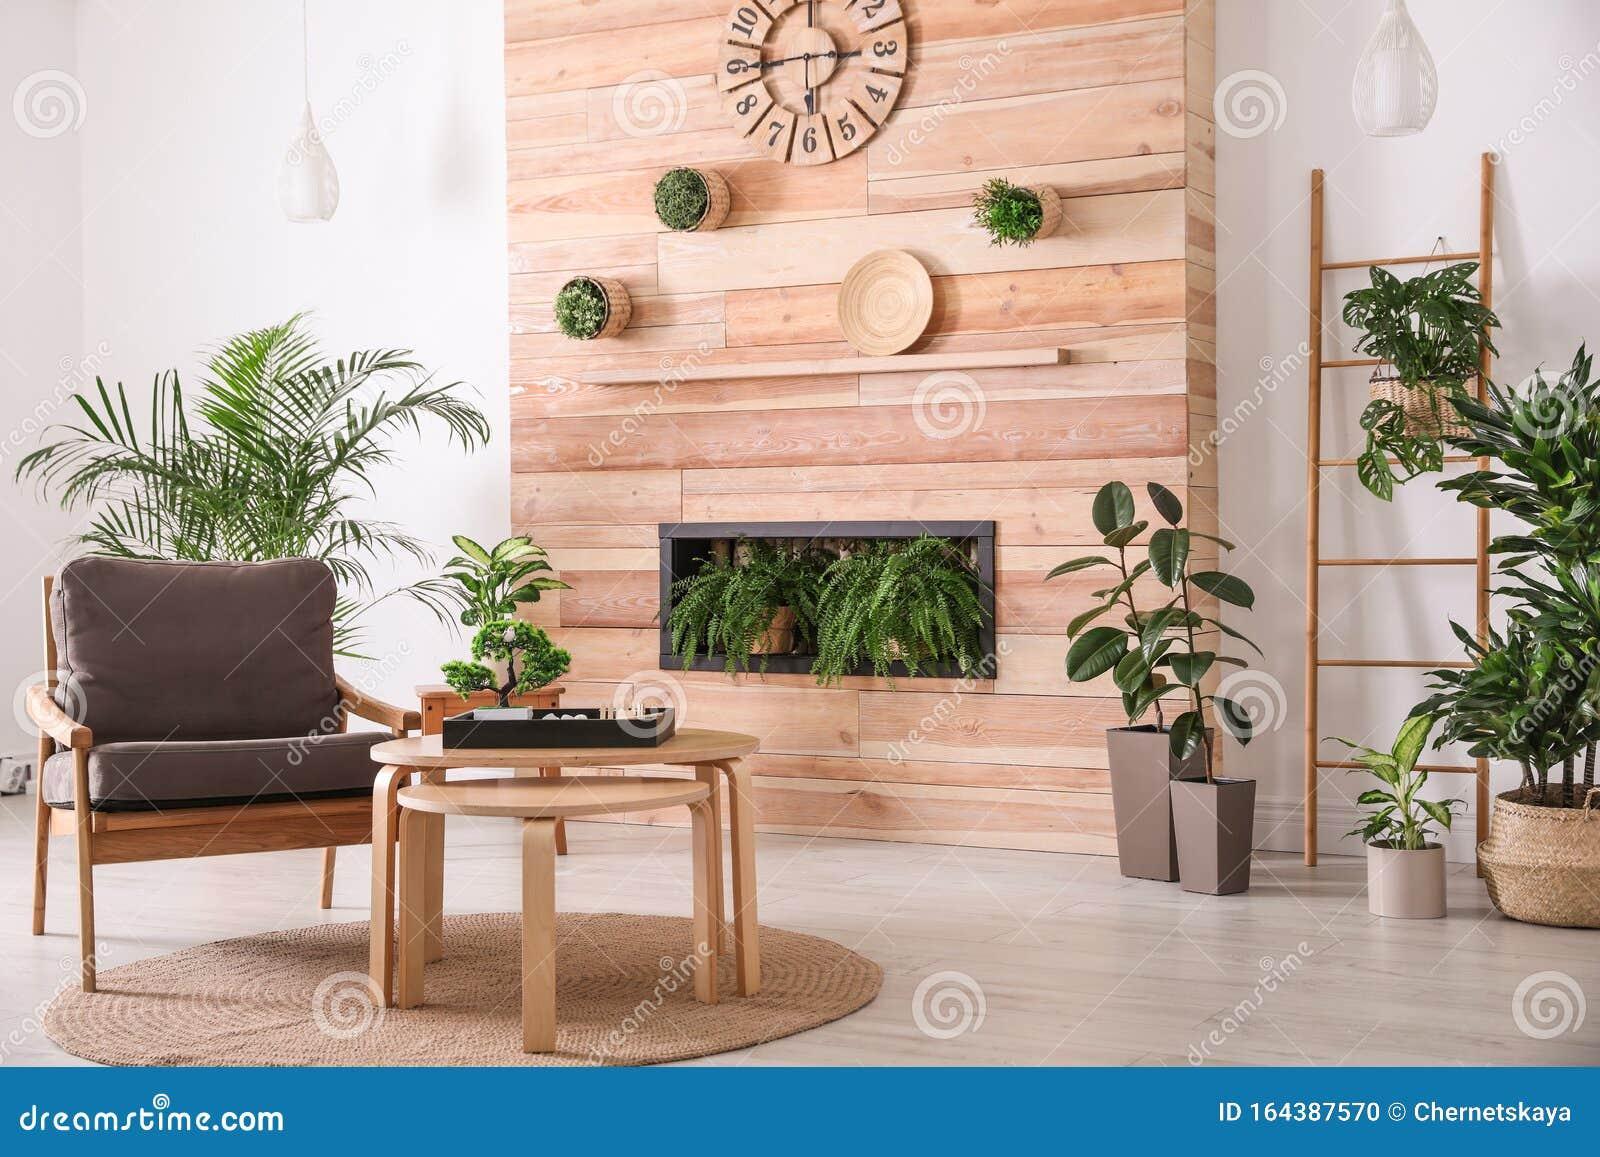 Elegante Salón Interior Con Sillón, Plantas Y Jardín Zen En